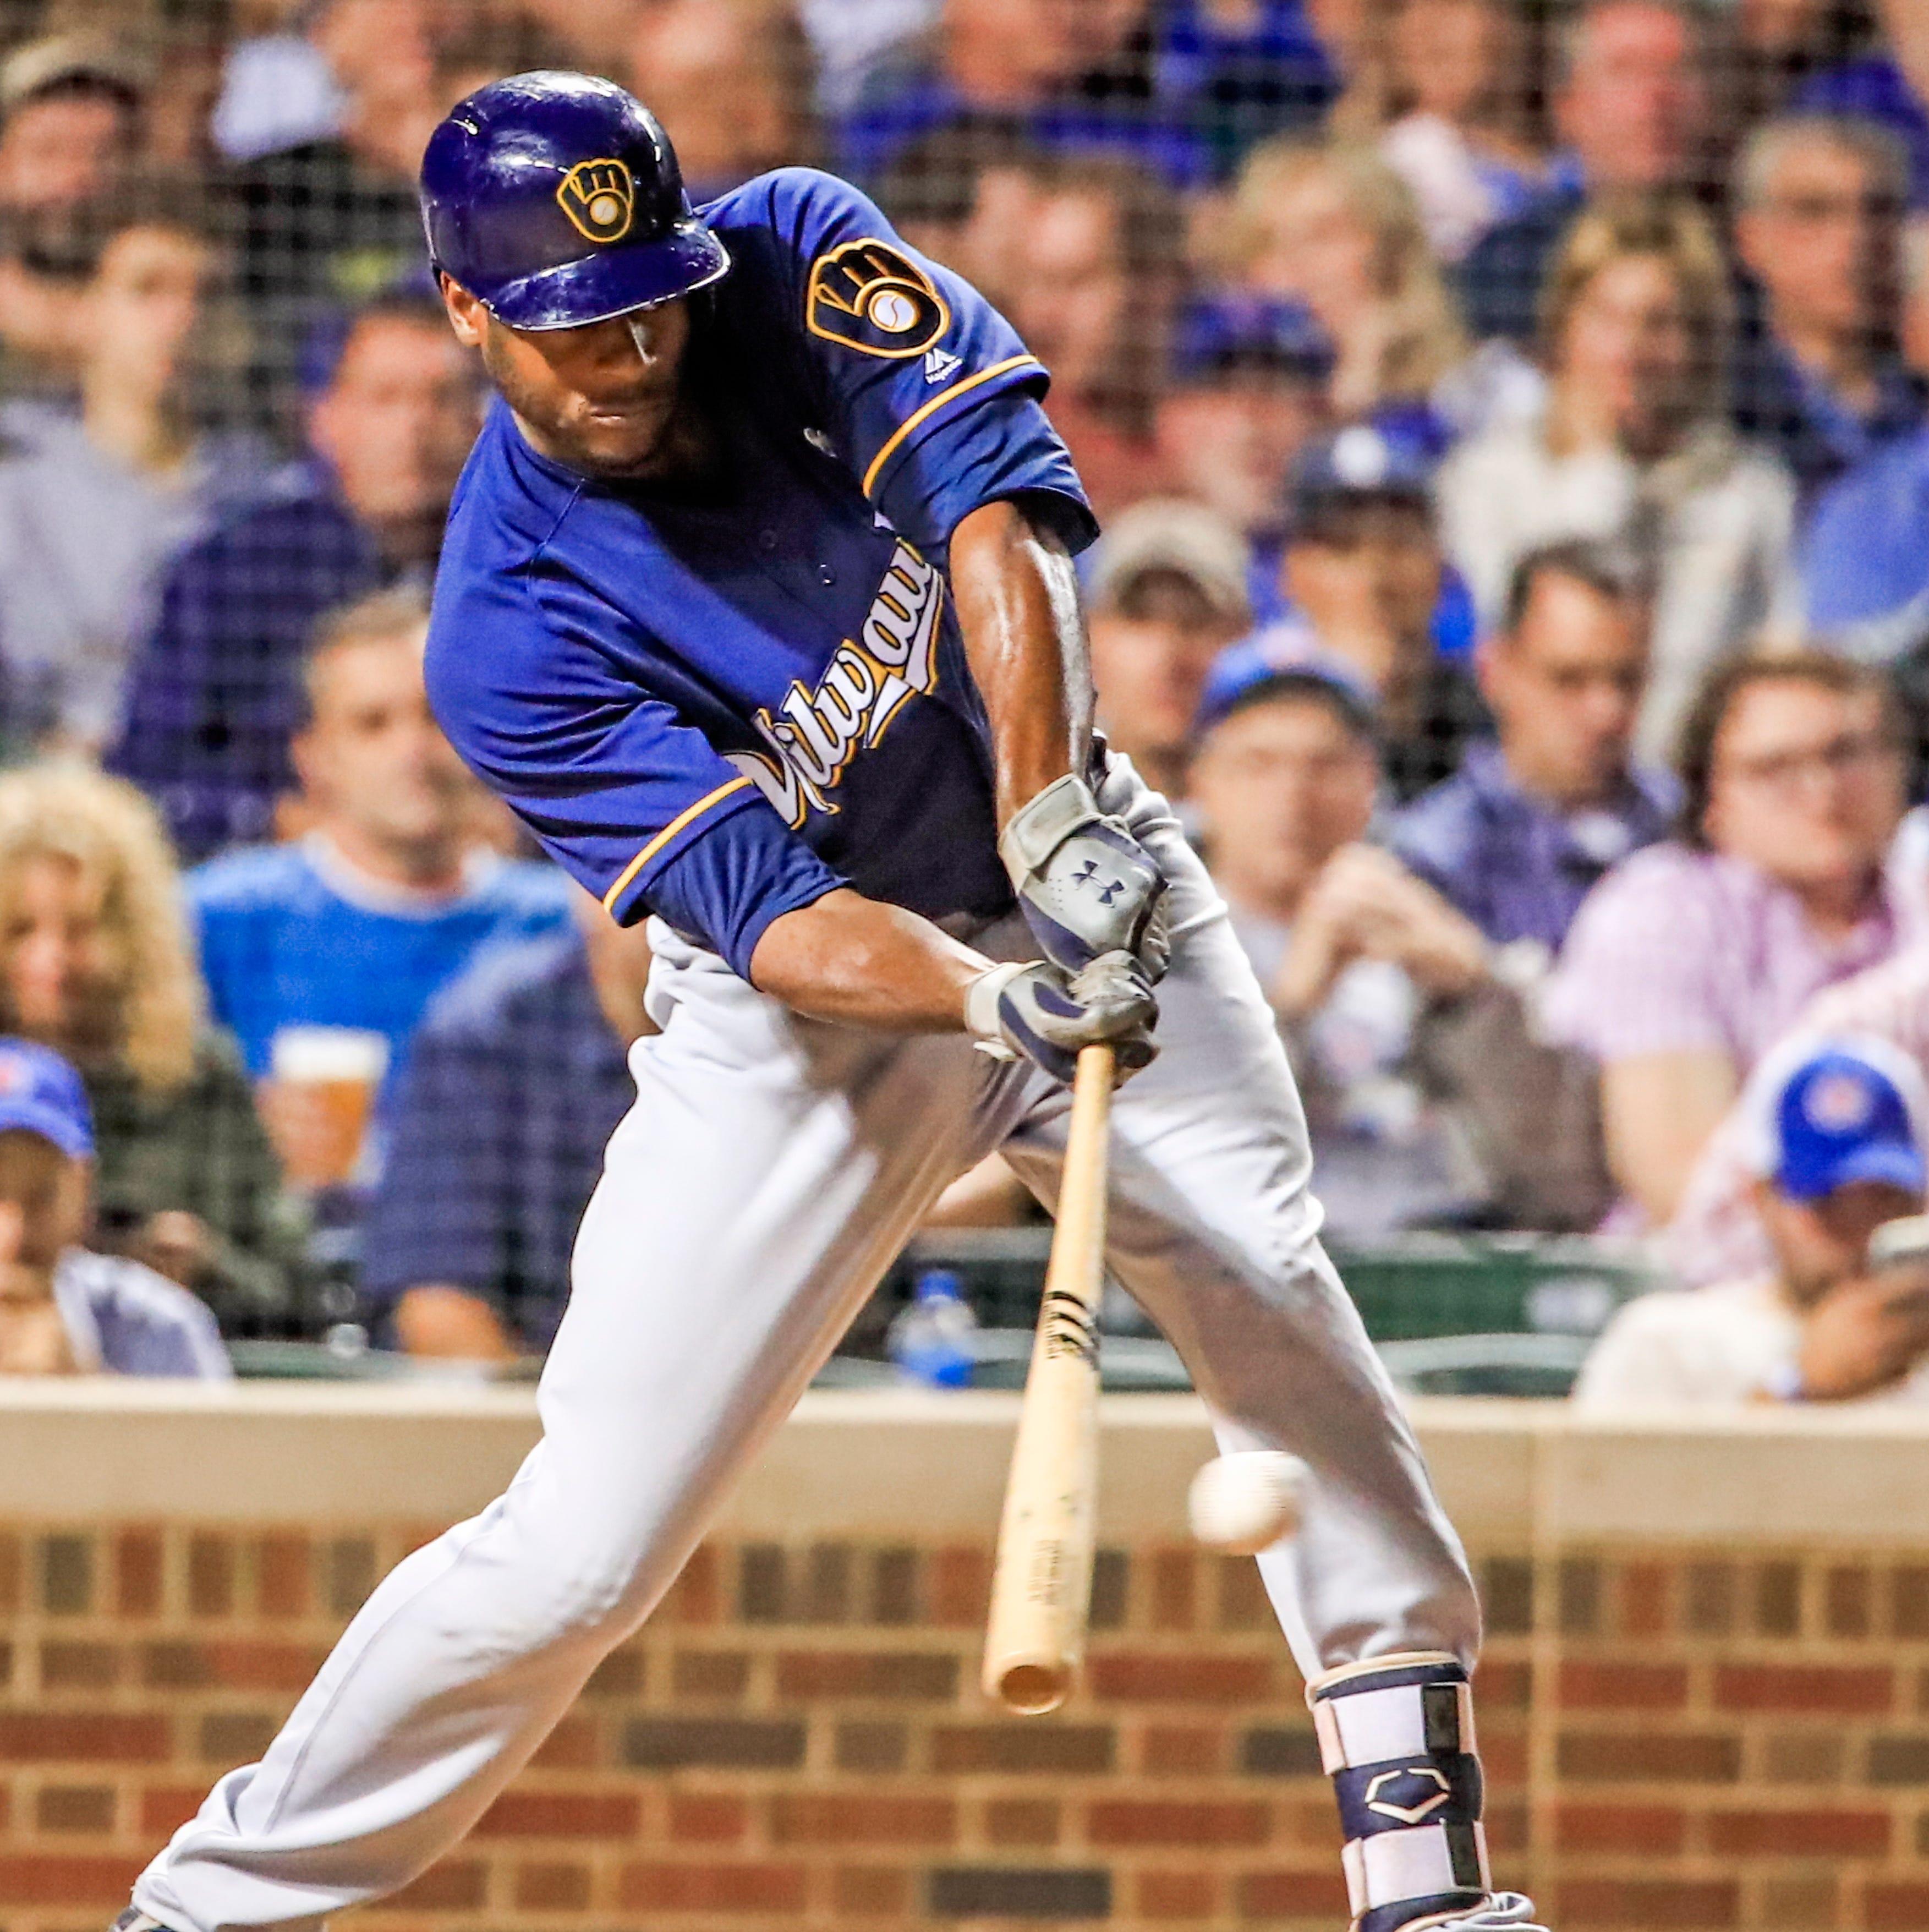 epa07016139 Milwaukee Brewers center fielder...